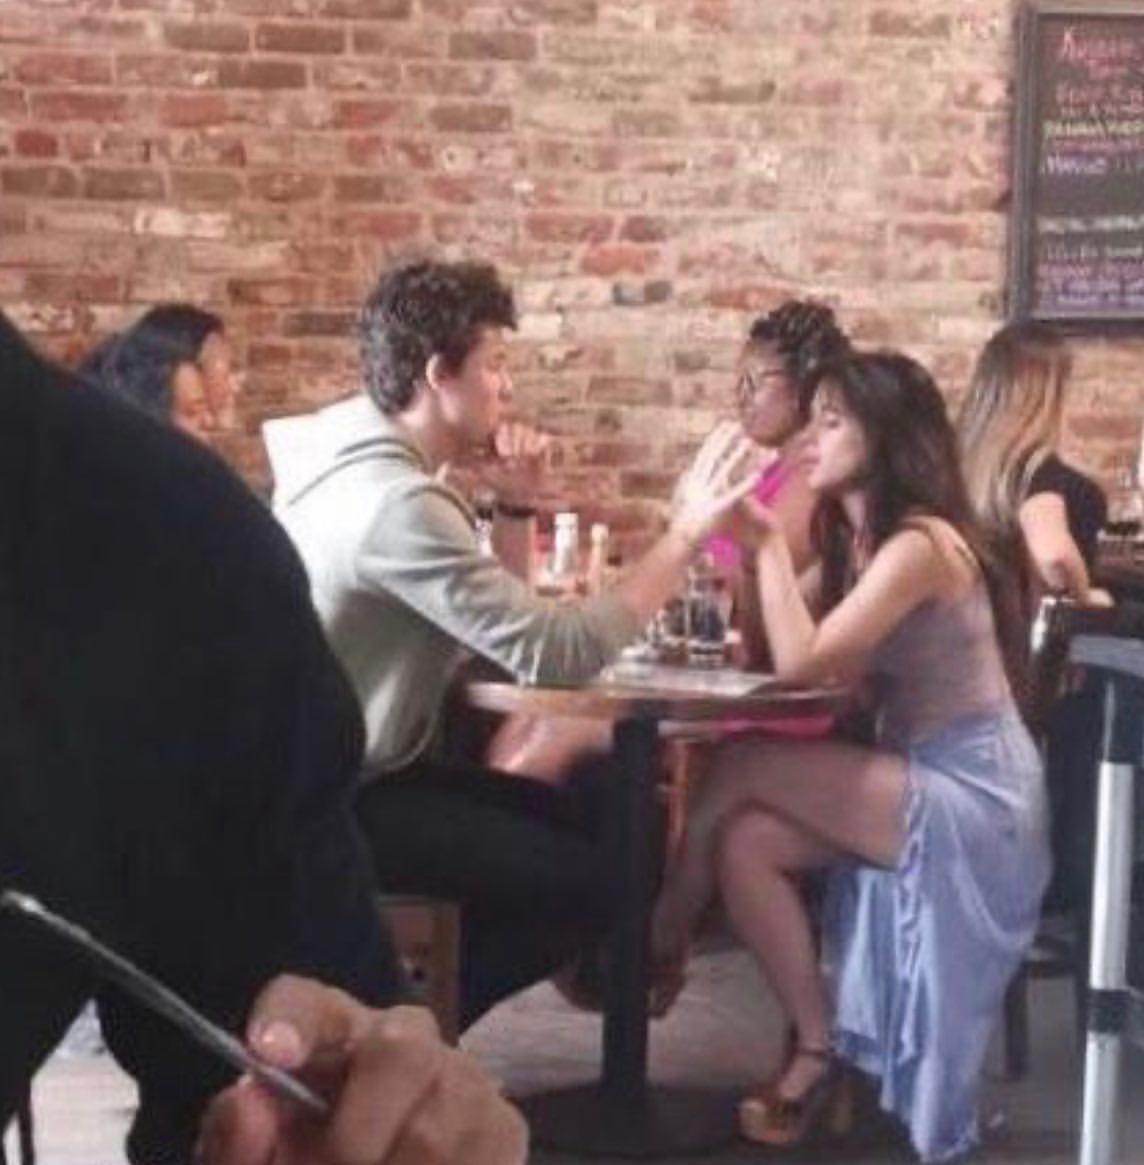 Cặp đôi chỉ là bạn Shawn Mendes và Camila lại khóa môi giữa thanh thiên bạch nhật, yêu hay không nói một lời thôi? - Ảnh 2.